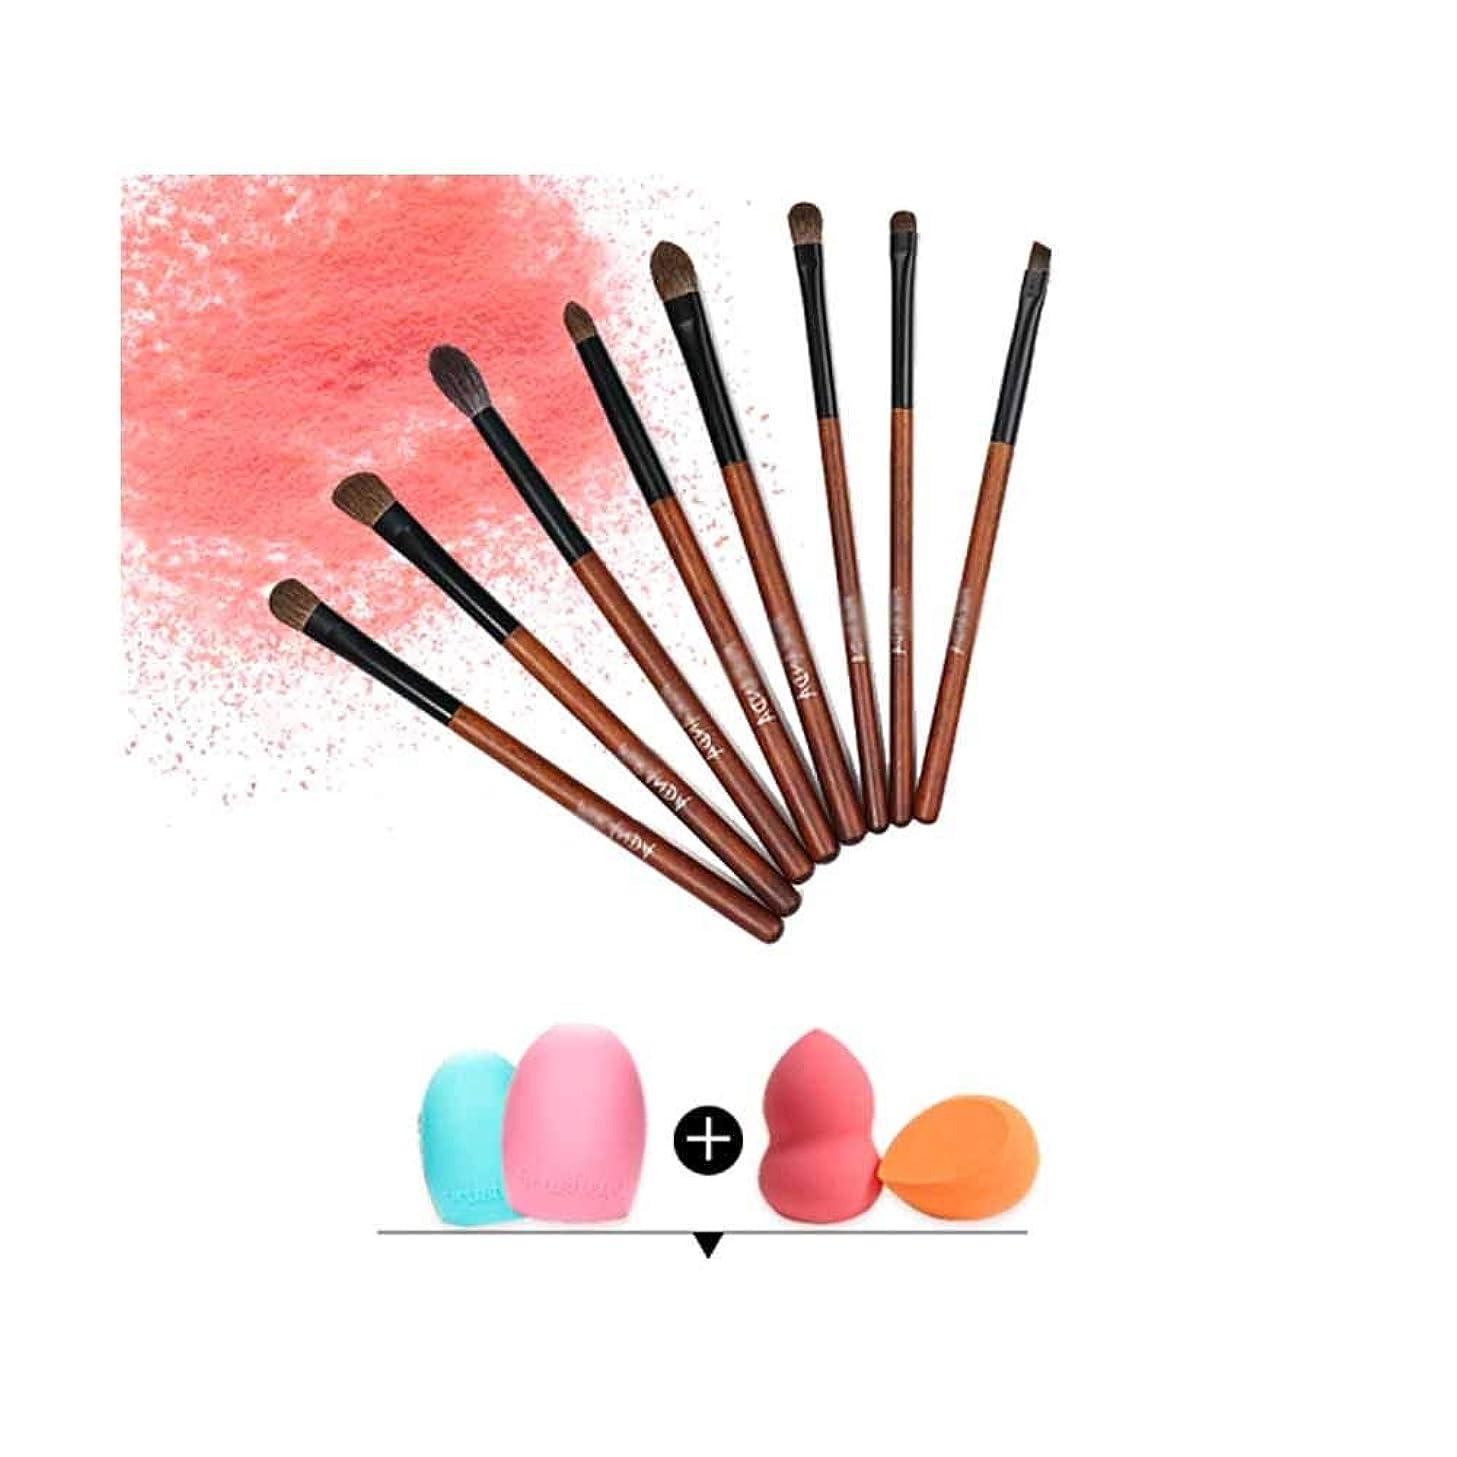 組み立てる圧力引数Qiyuezhuangshi001 化粧ブラシ、化粧ブラシセット8スティック、動物ブラシセット、快適で柔らかく、絶妙で美しい,人間工学に基づいたデザイン (Color : Brown)